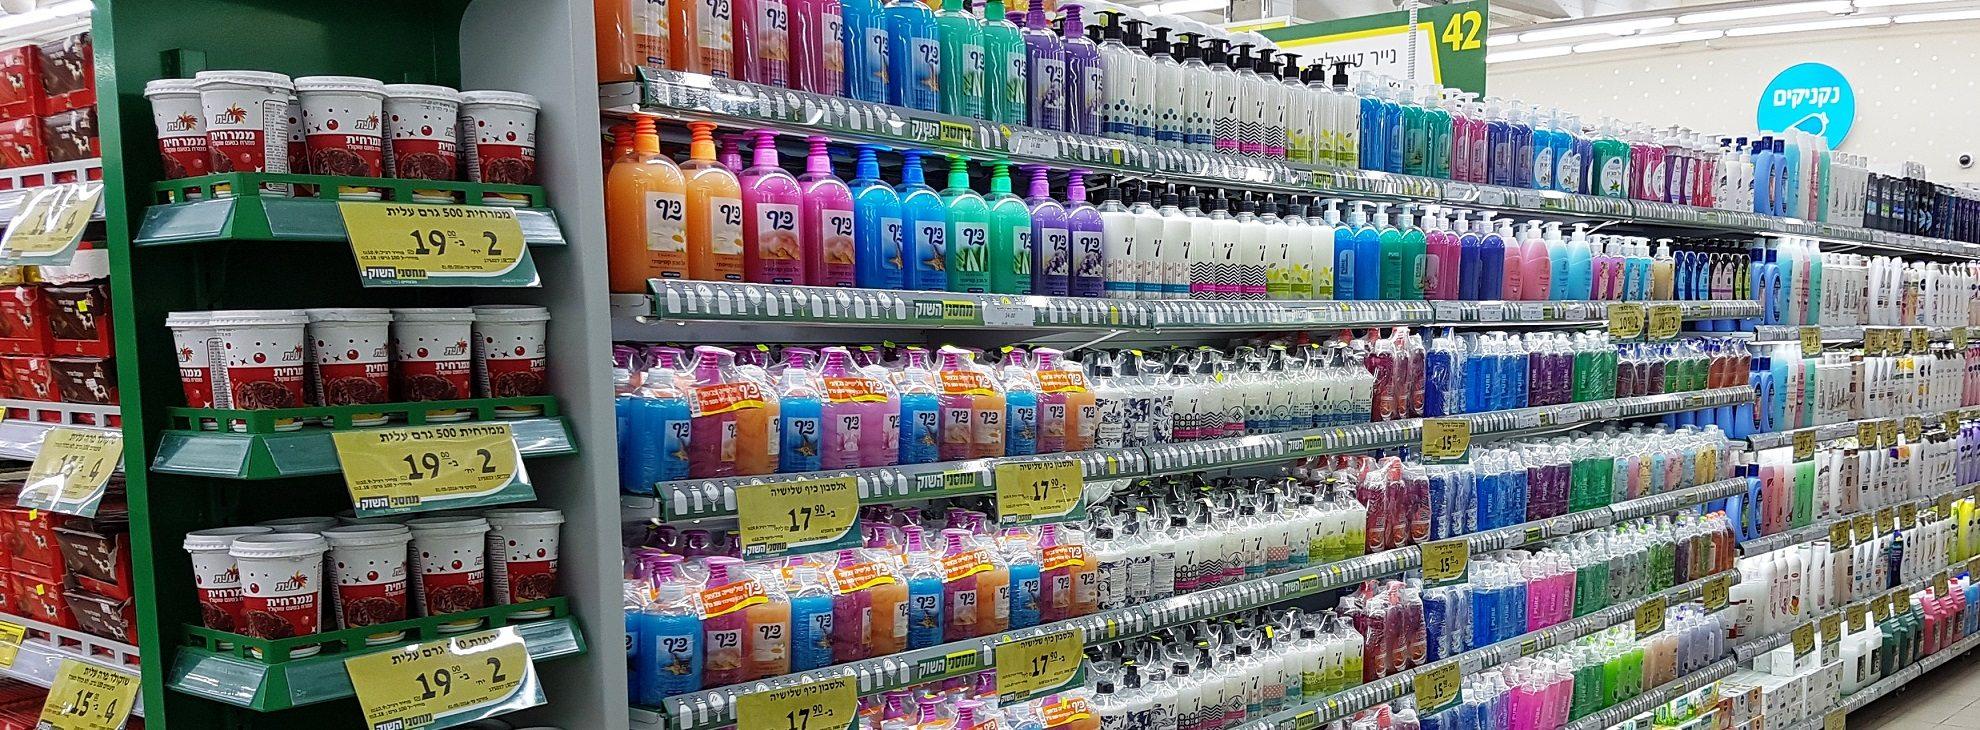 עיצוב חנות- בי סמארט-מחסני השוק